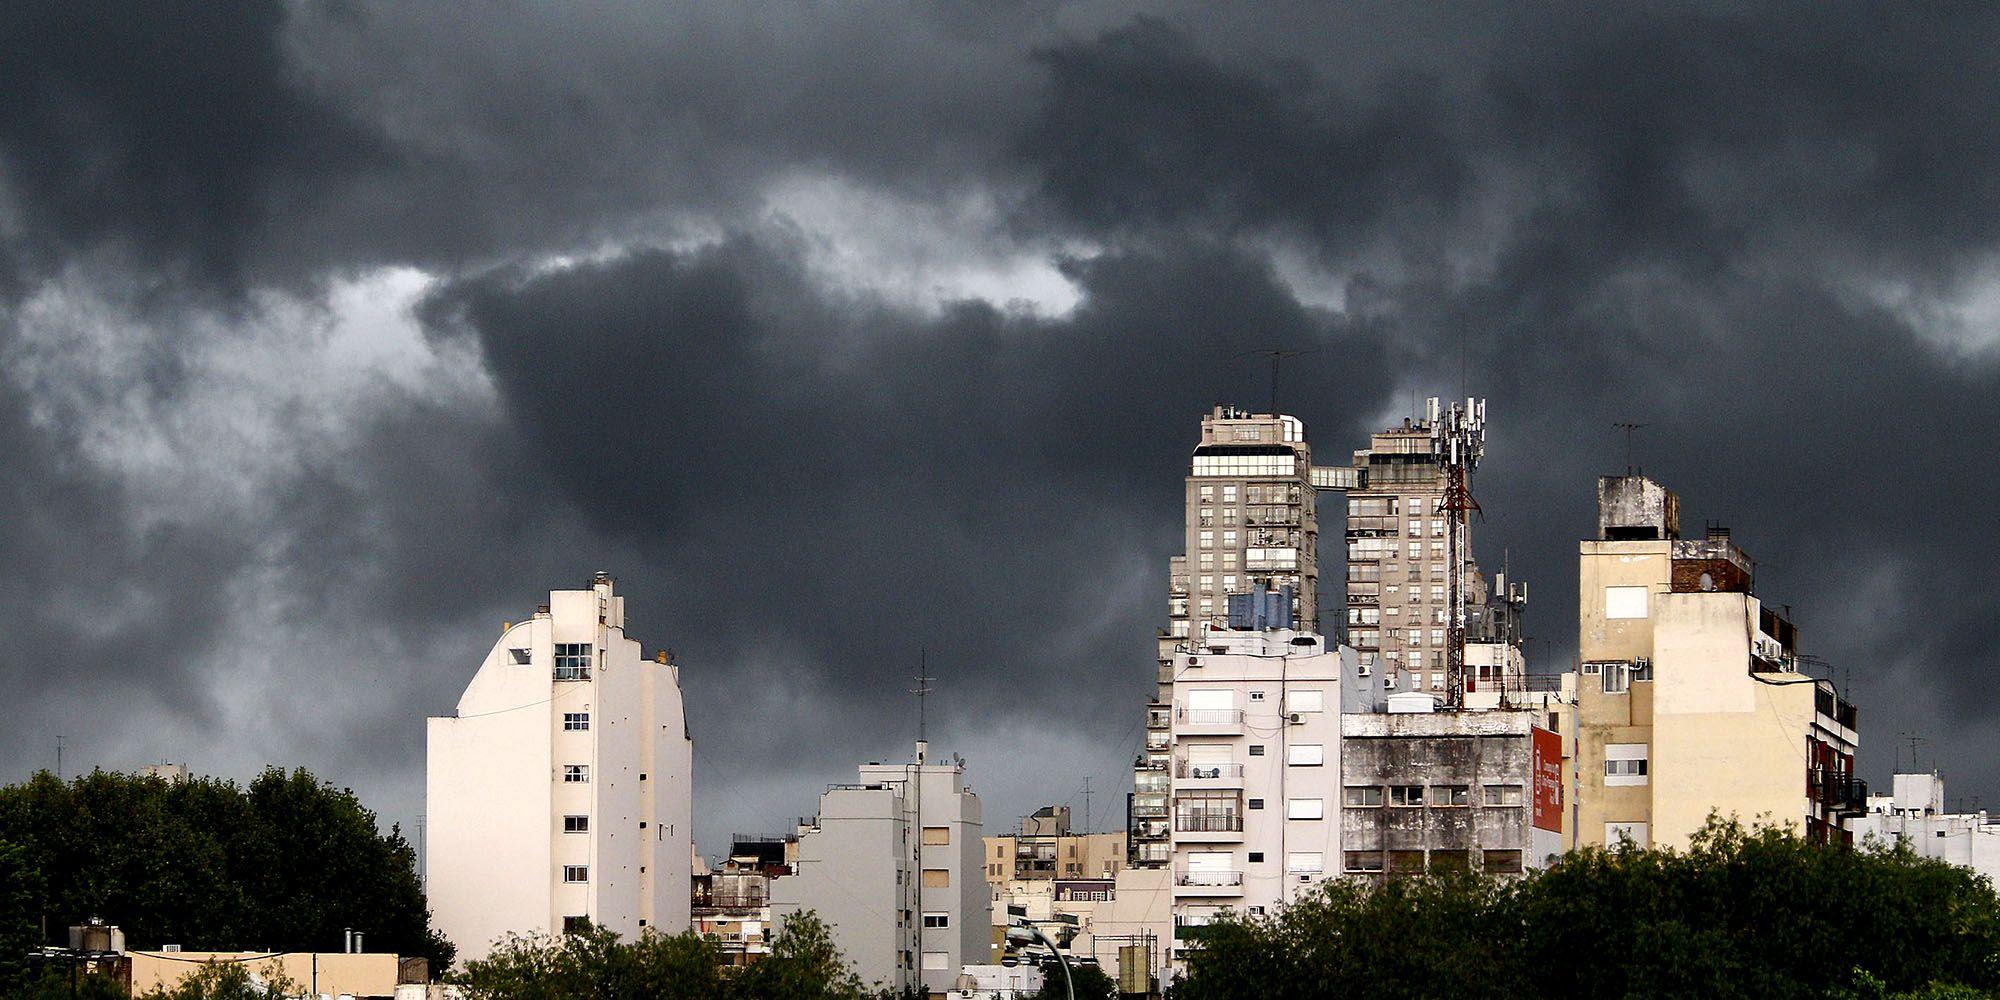 Se esperan fuertes tormentas en la ciudad de Buenos Aires y granizo en el sur de la provincia de Buenos Aires.